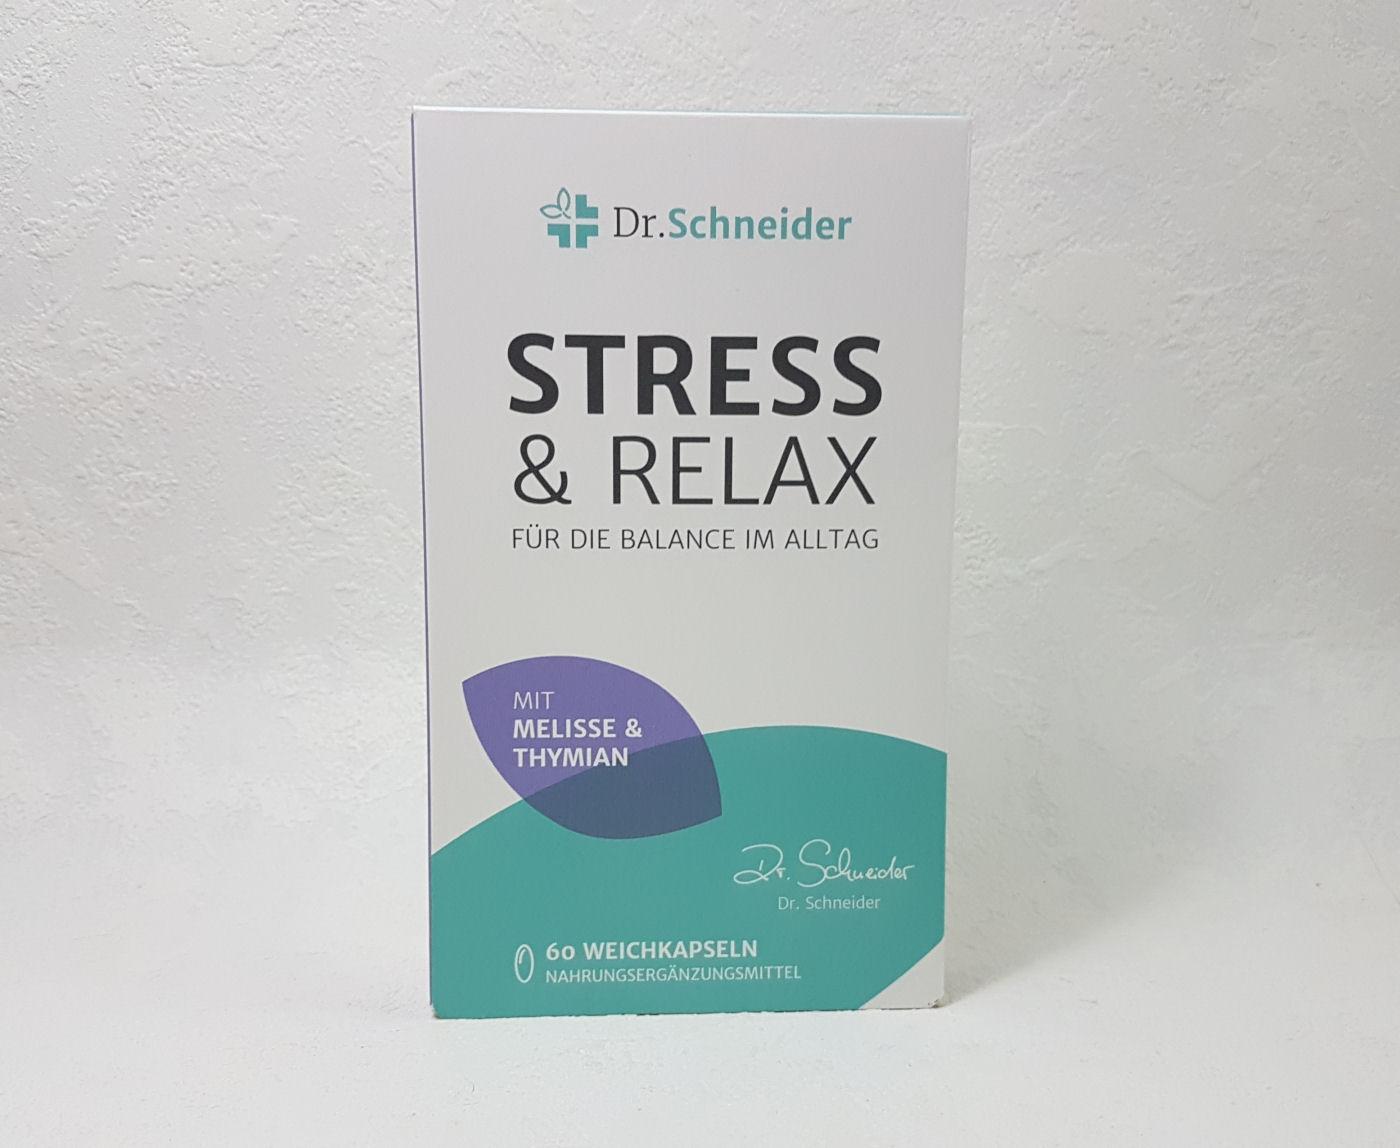 Dr. Schneider Stress & Relax für Balance im Alltag - Project: Test It!